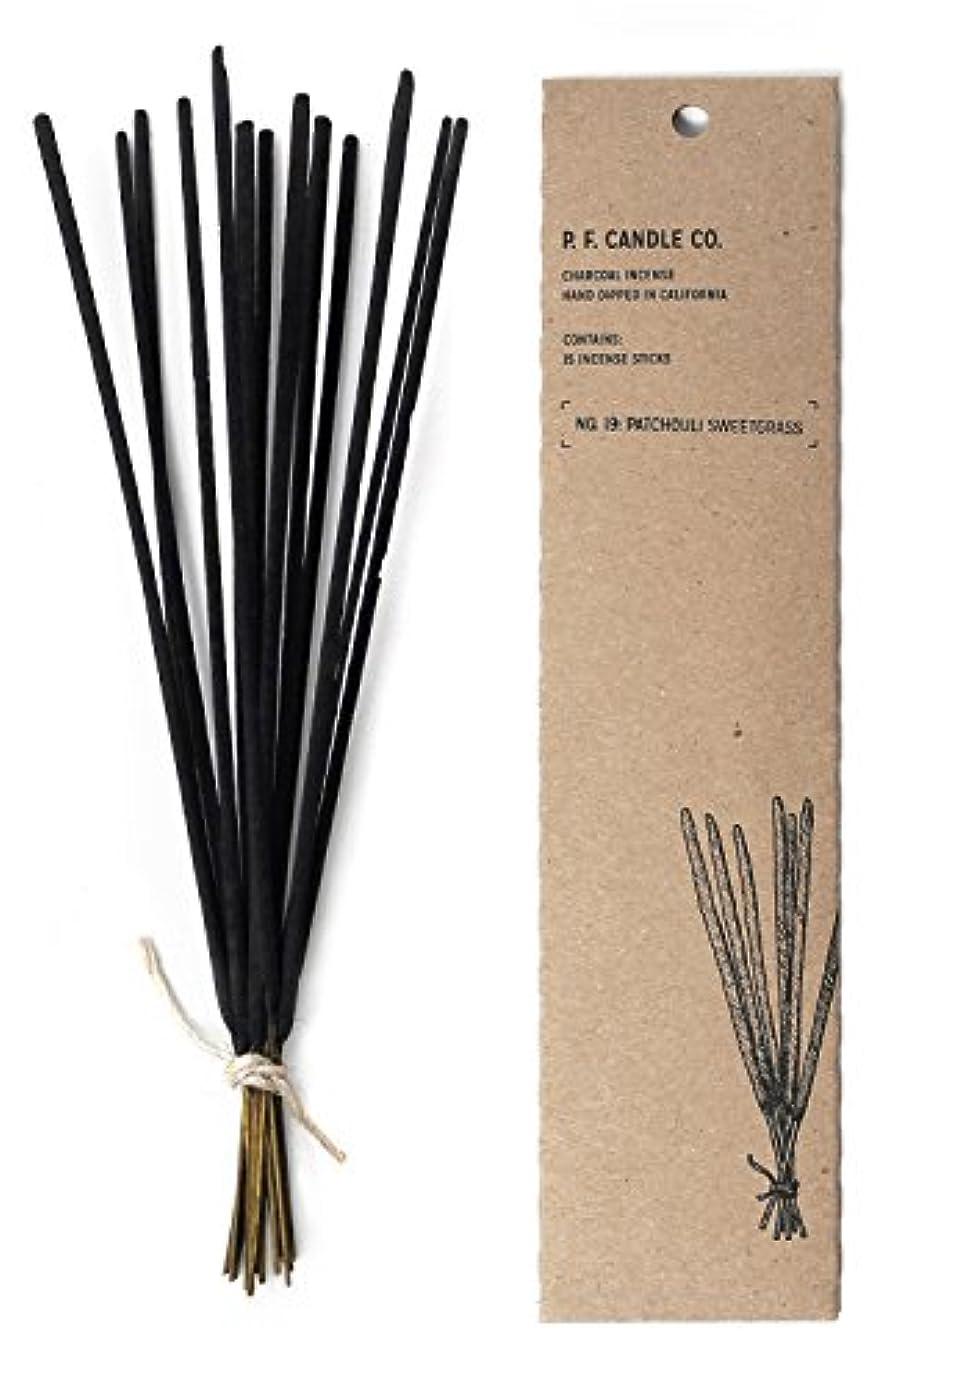 涙スタンドなんとなくp.f. Candle Co。 – No。19 : Patchouli Sweetgrass Incense 2-Pack